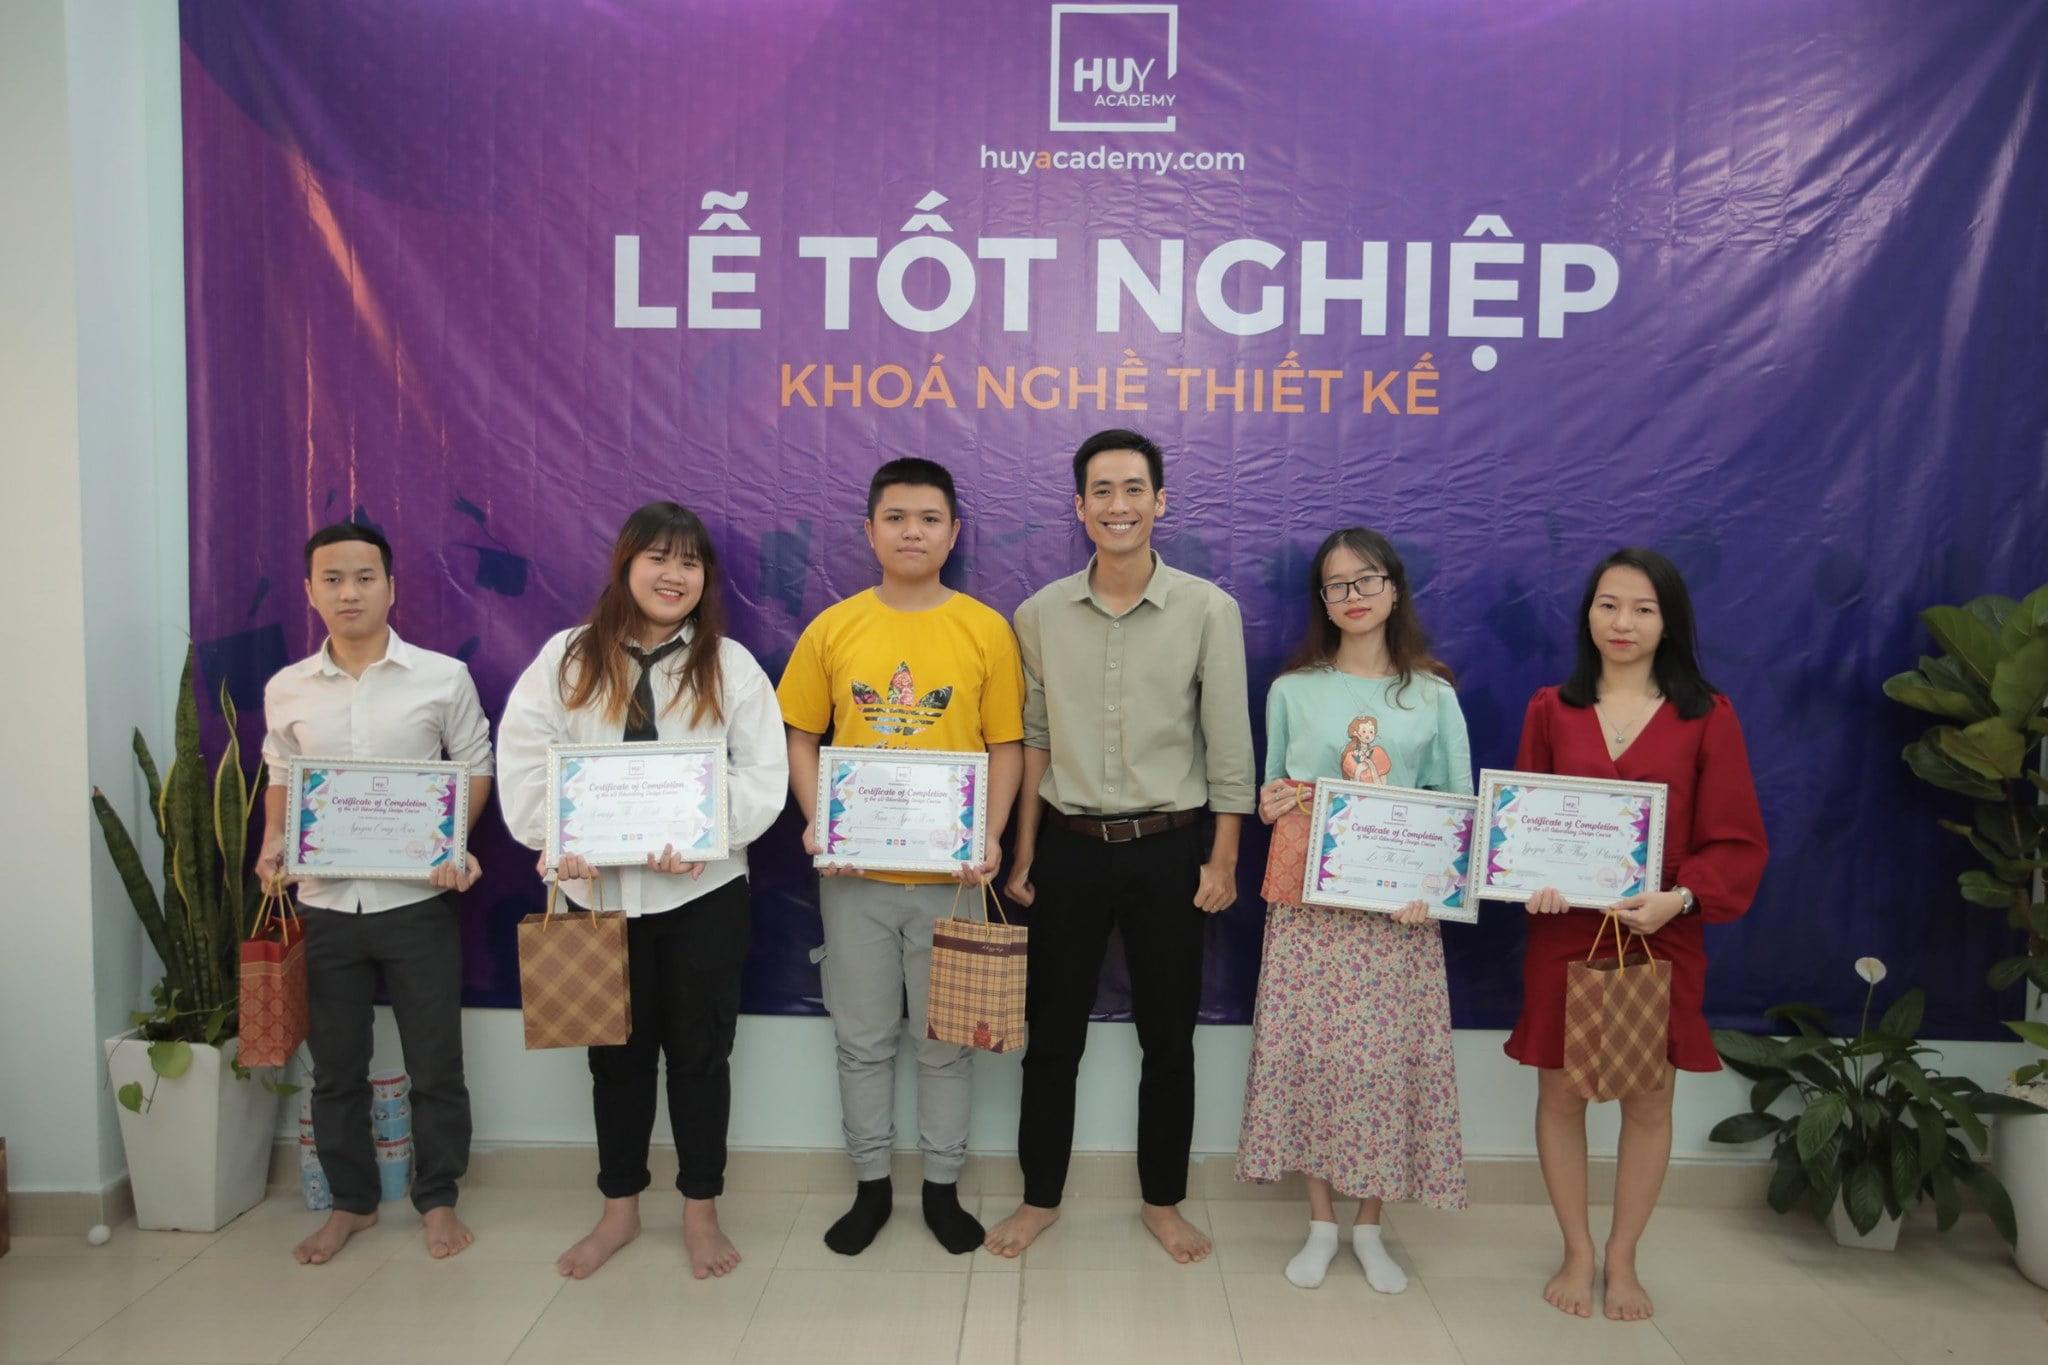 Lễ tốt nghiệp khóa nghề thiết kế đà nẵng 1-2021 (5)